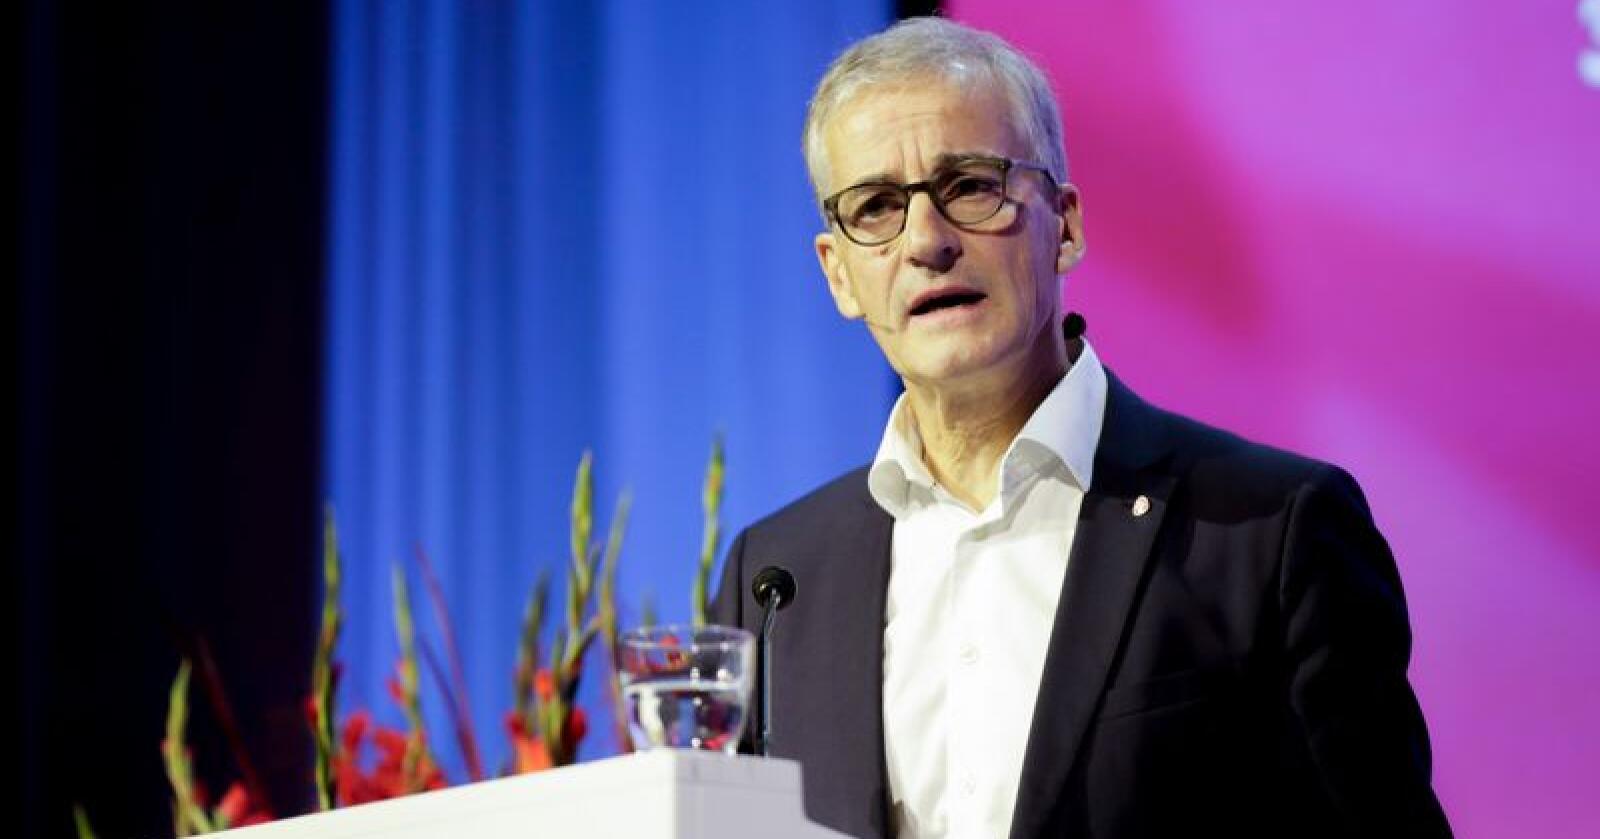 Ap-leder Jonas Gahr Støre har en formue på 61 millioner kroner, ifølge skattelistene. Foto: Vidar Ruud / NTB scanpix.